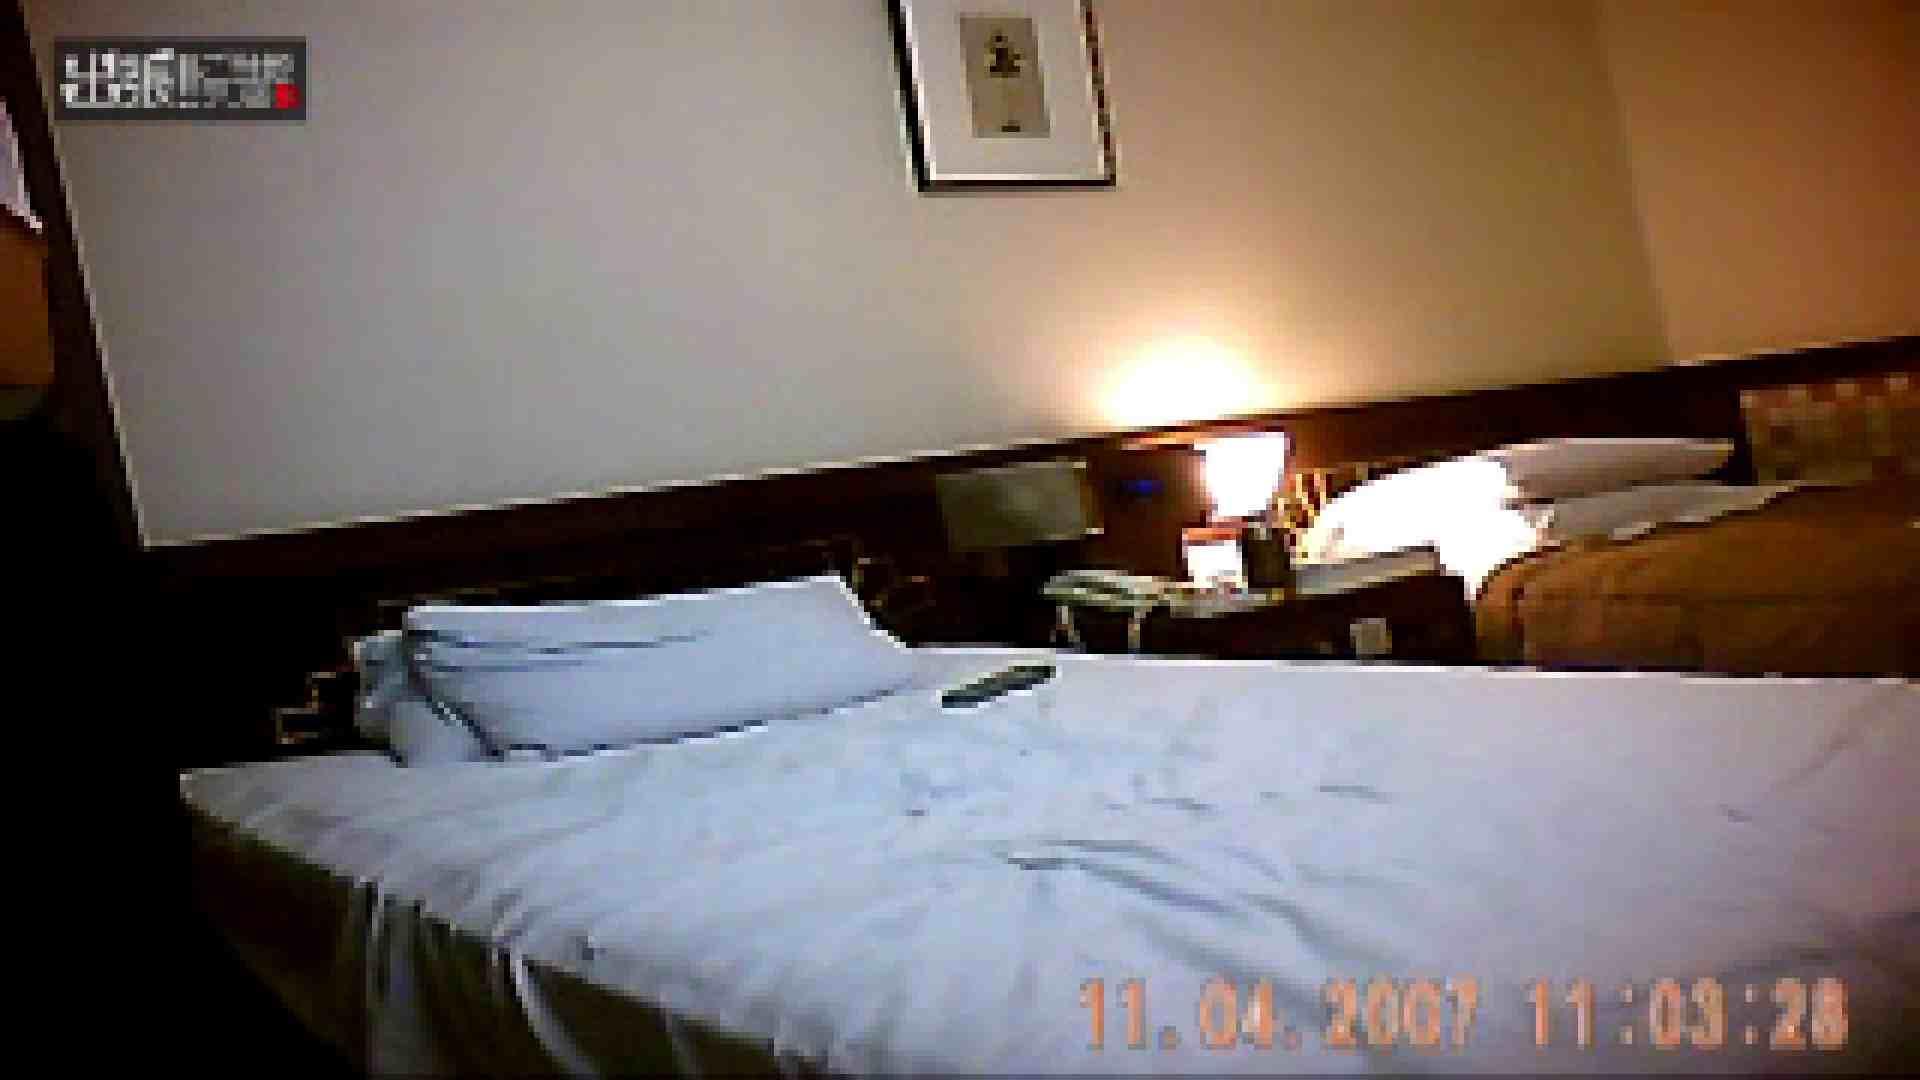 出張リーマンのデリ嬢隠し撮り第2弾vol.2 チラ歓迎 オメコ無修正動画無料 79pic 39